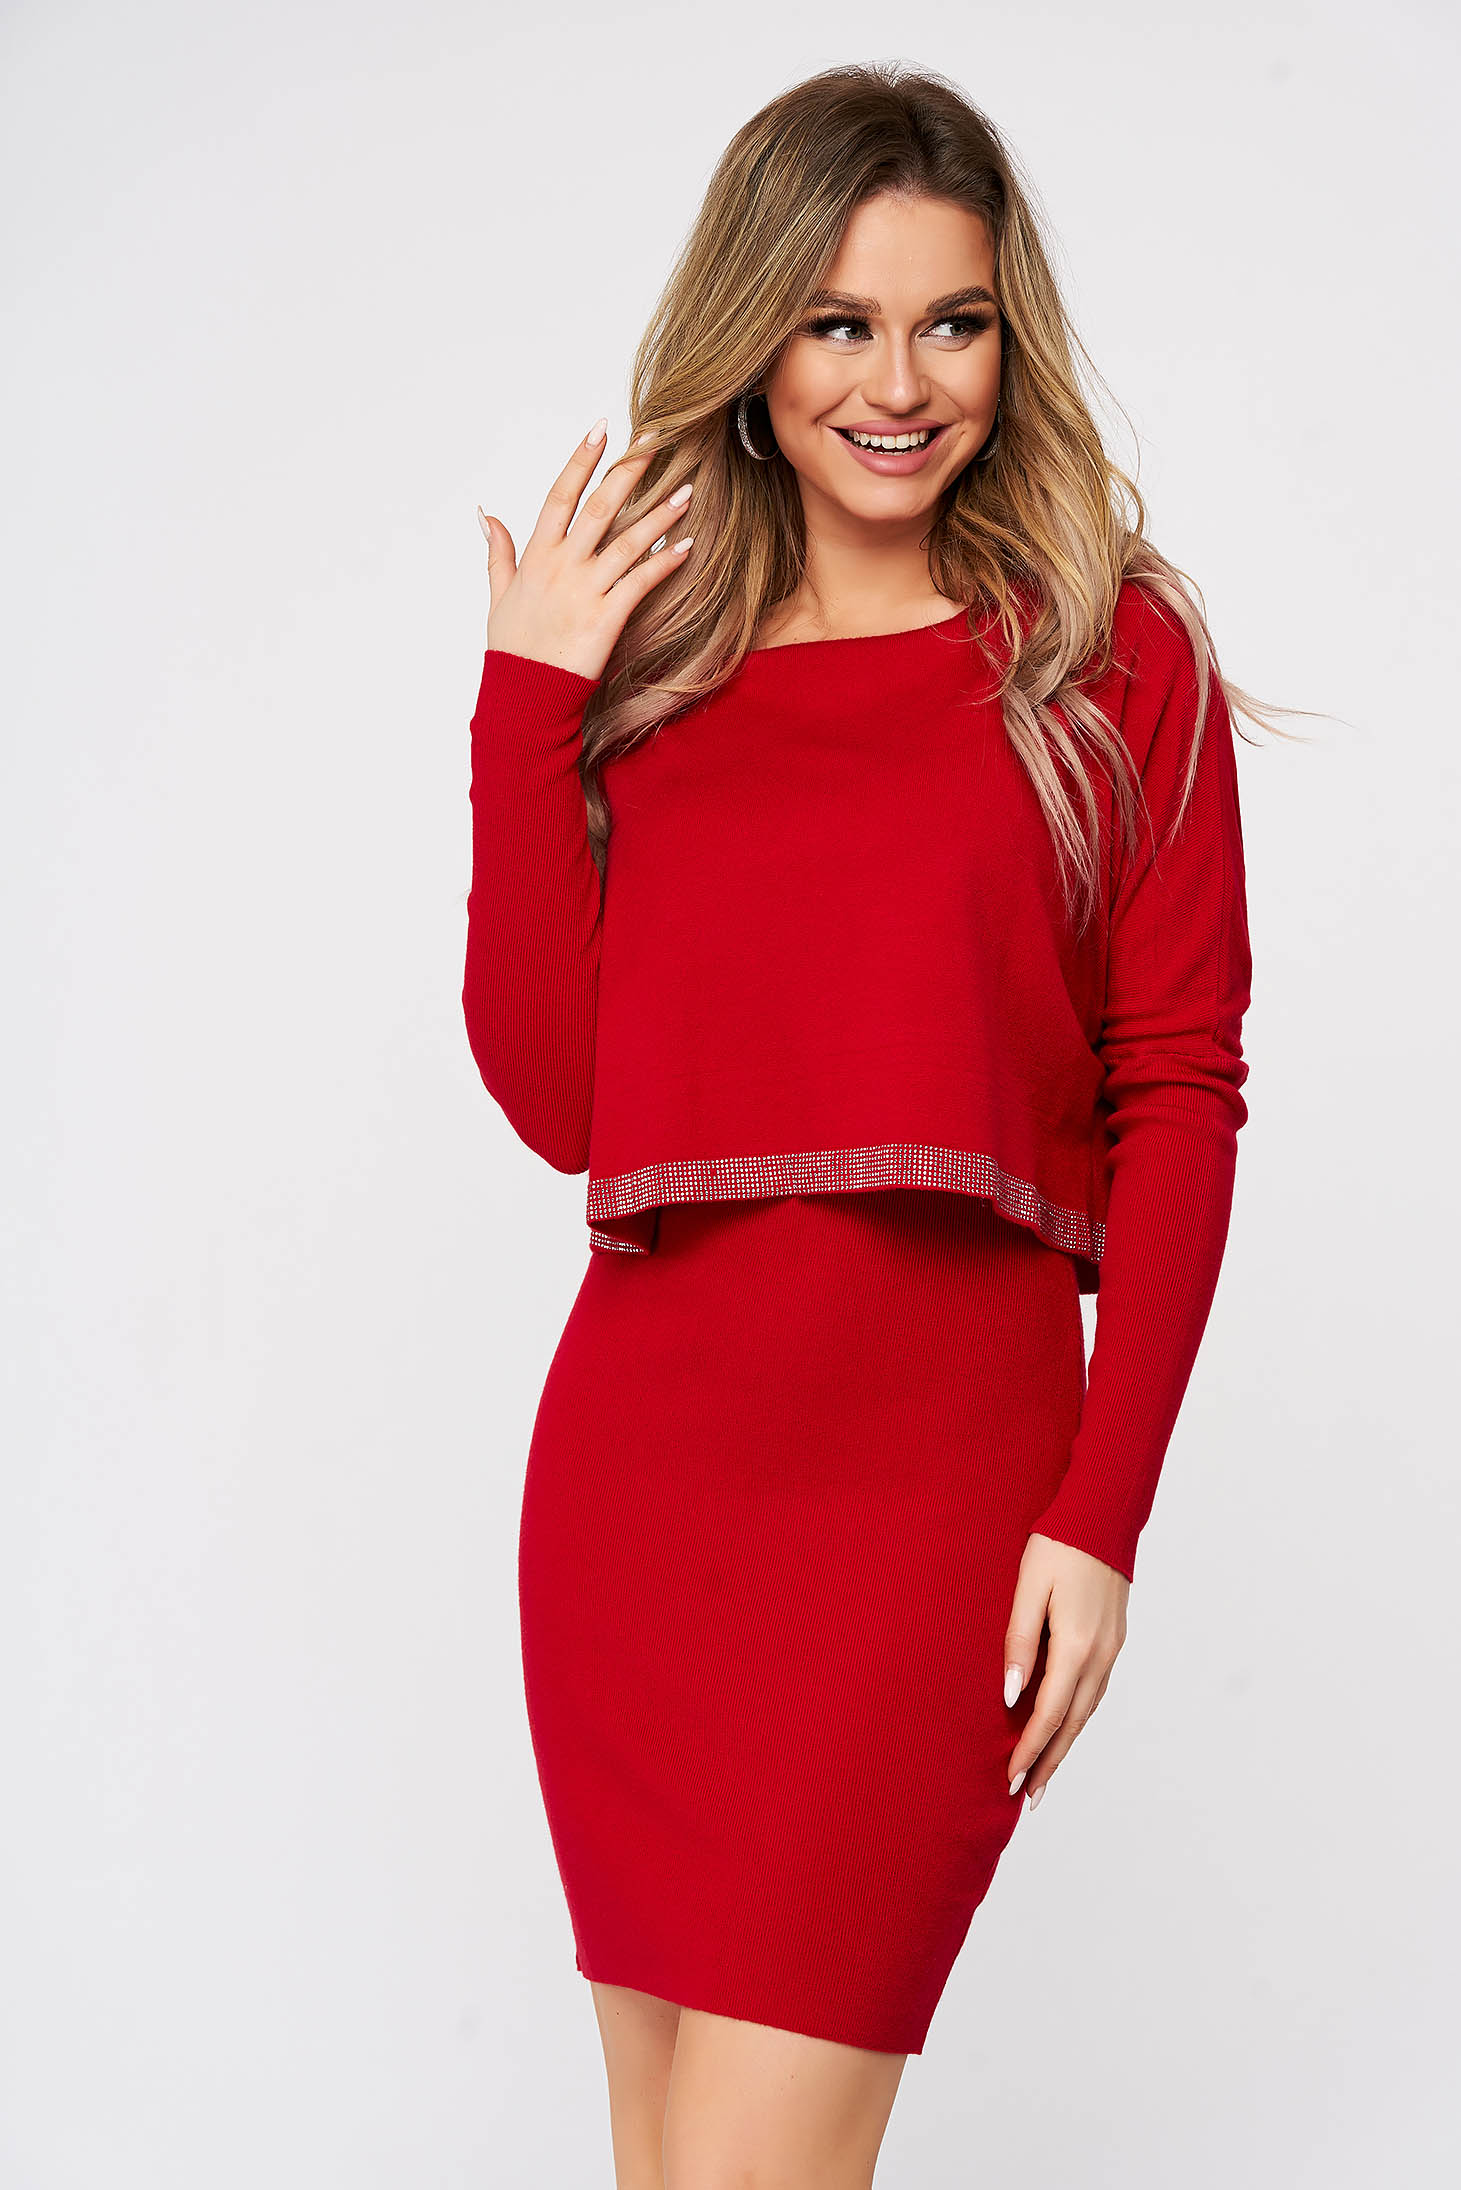 Rochie SunShine rosie din material moale reiat tricotat cu aplicatii cu pietre strass